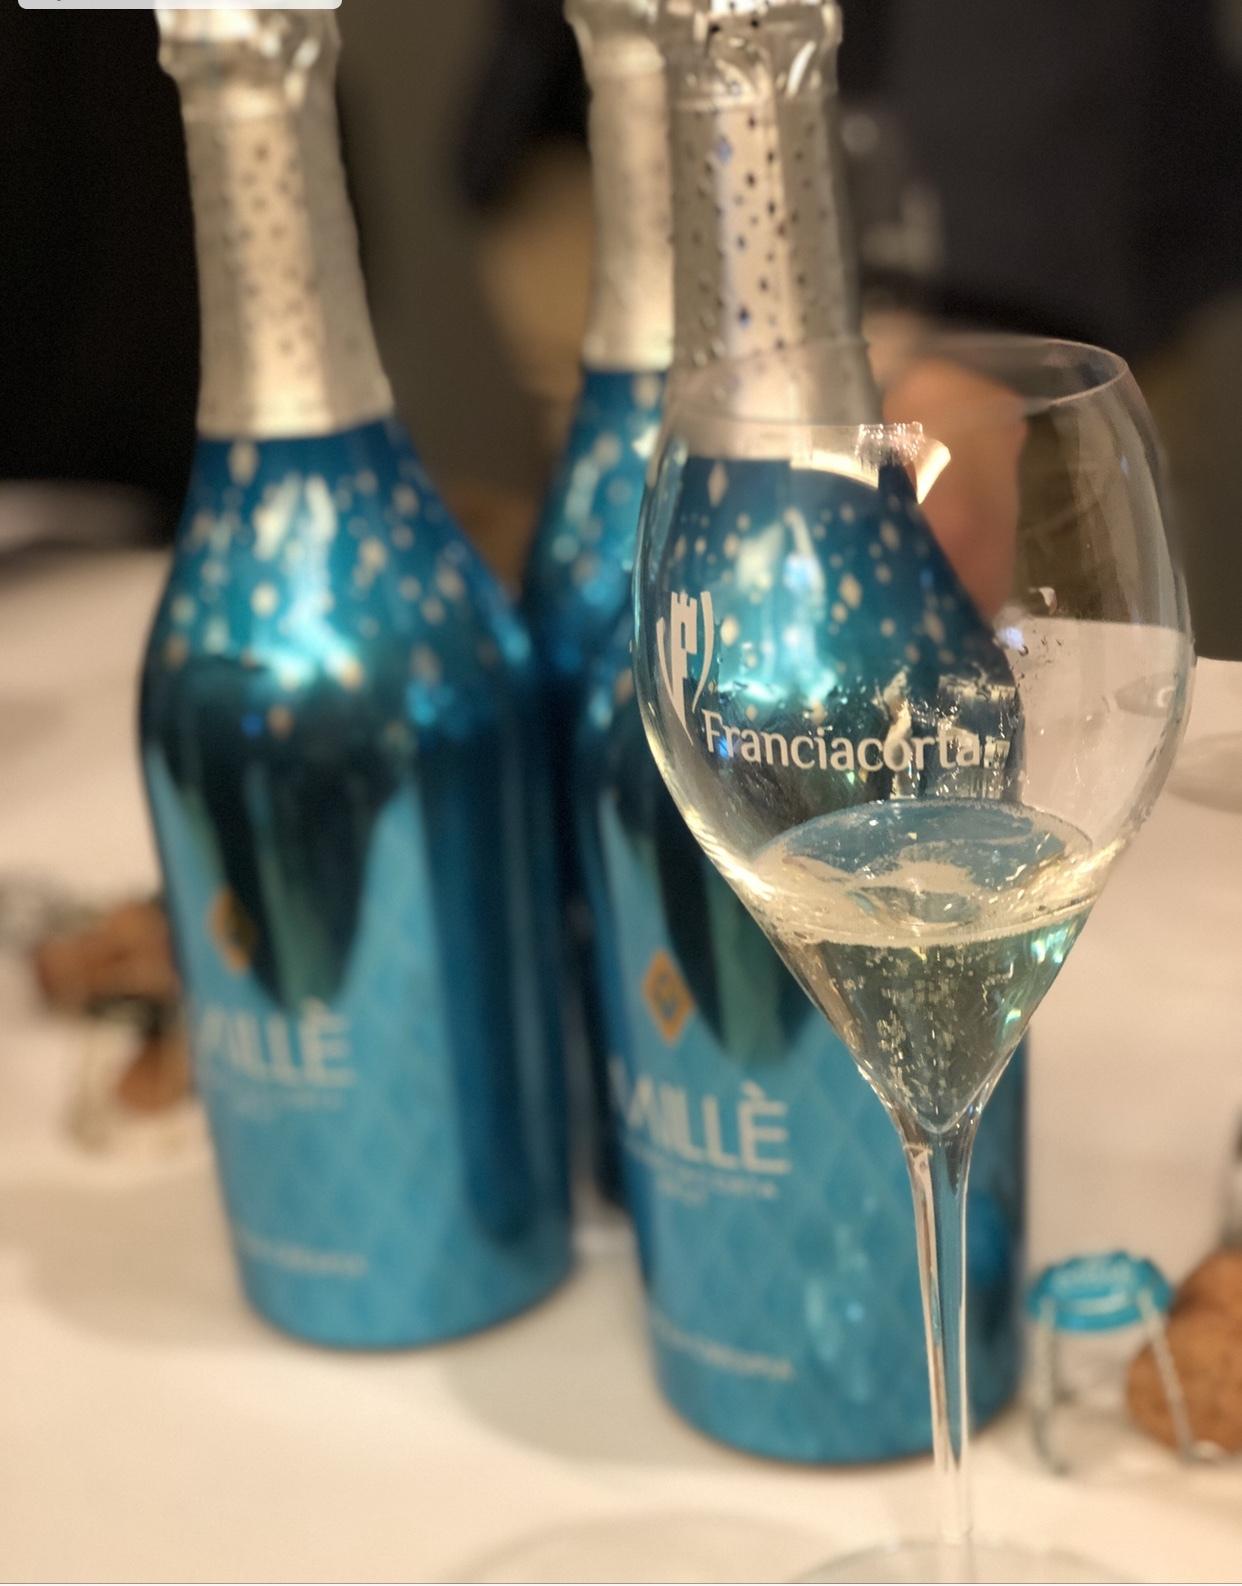 イタリアの最高峰発泡ワイン『フランチャコルタ』で乾杯☆_1_9-3